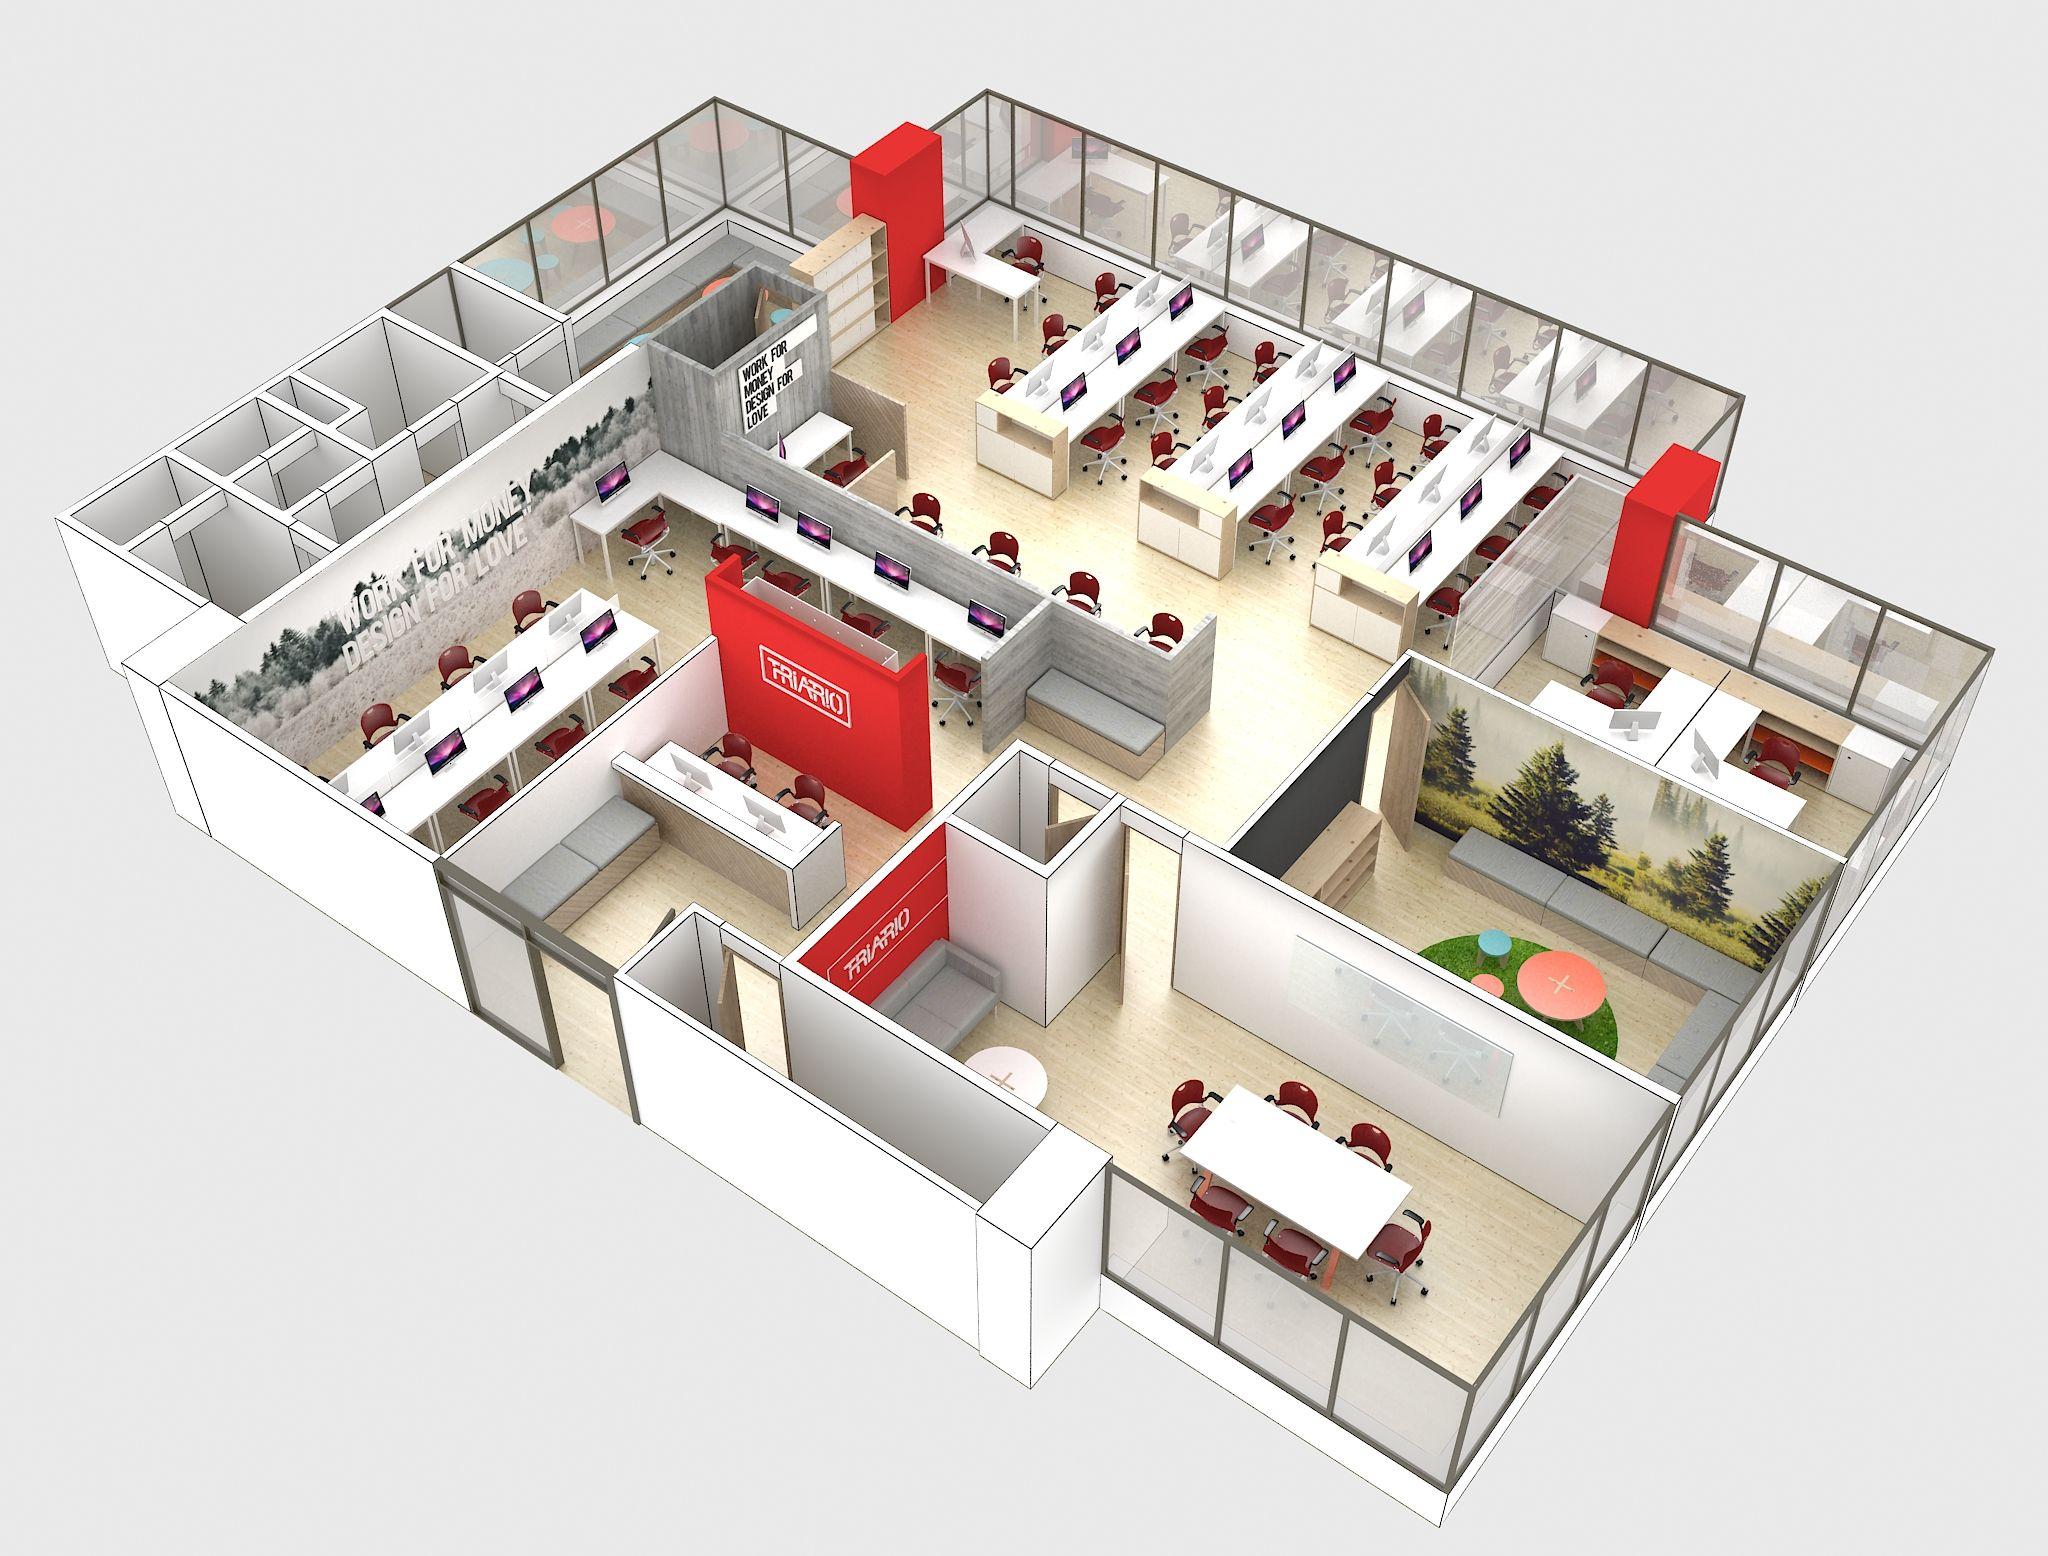 Dise o oficinas triario 1 design pinterest oficinas for Disenos para boutique